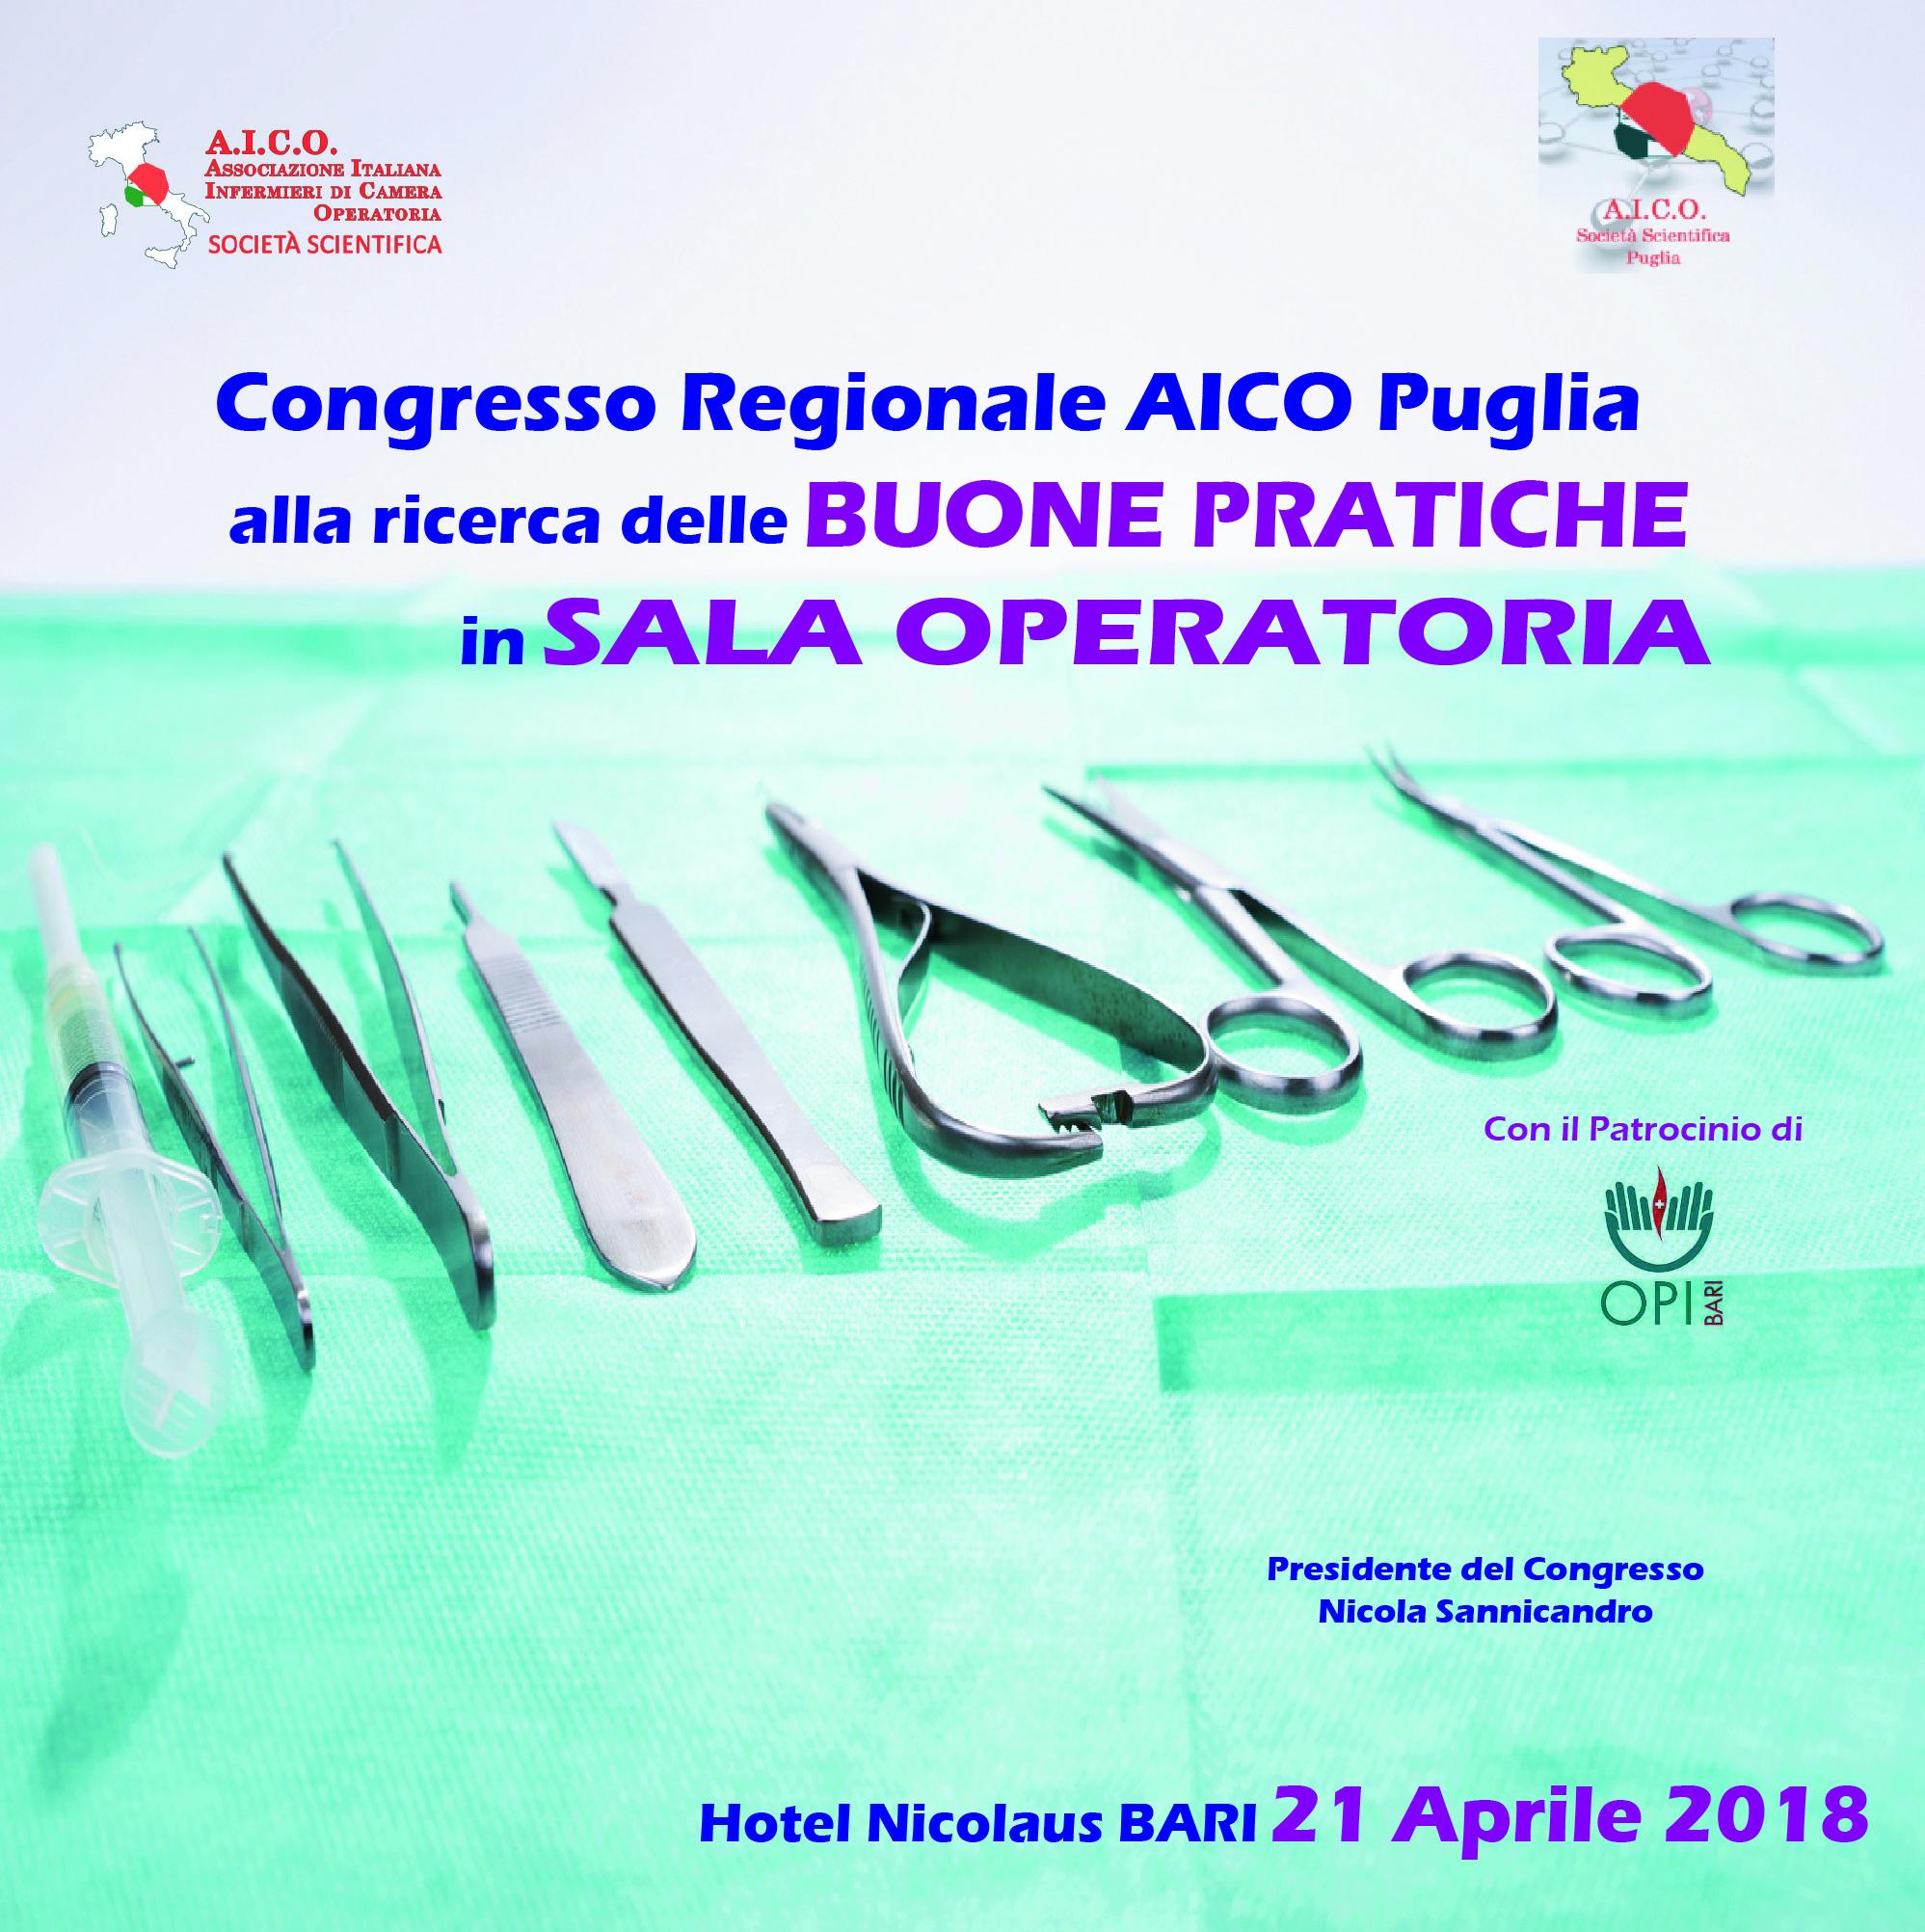 CONGRESSO REGIONALE AICO PUGLIA. ALLA RICERCA DELLE BUONE PRATICHE IN SALA OPERATORIA